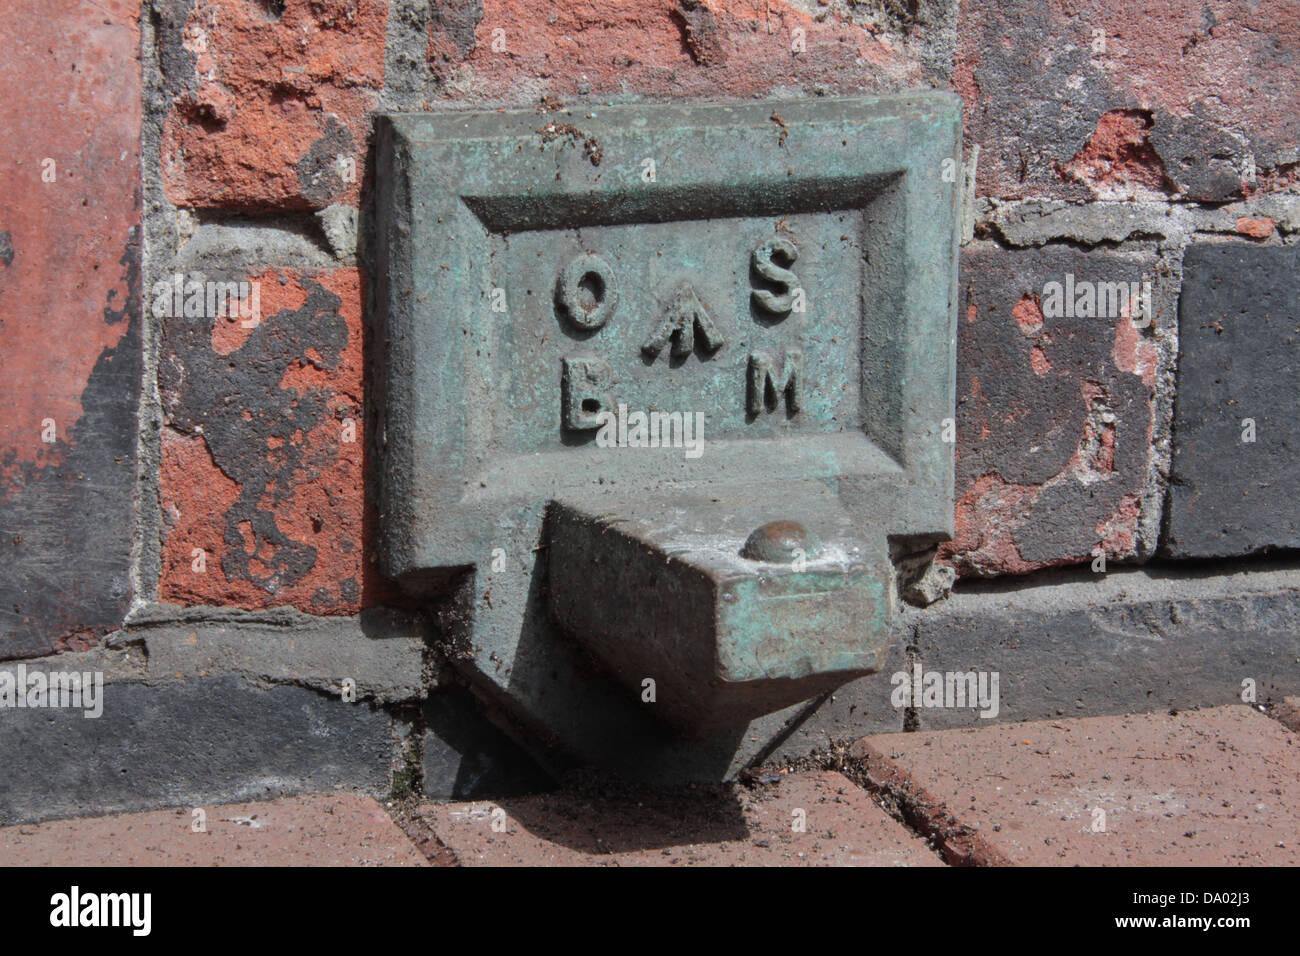 Marque el punto de la banqueta Ordnance Survey en bronce fundido y fijado en el enladrillado del antiguo ayuntamiento. Imagen De Stock